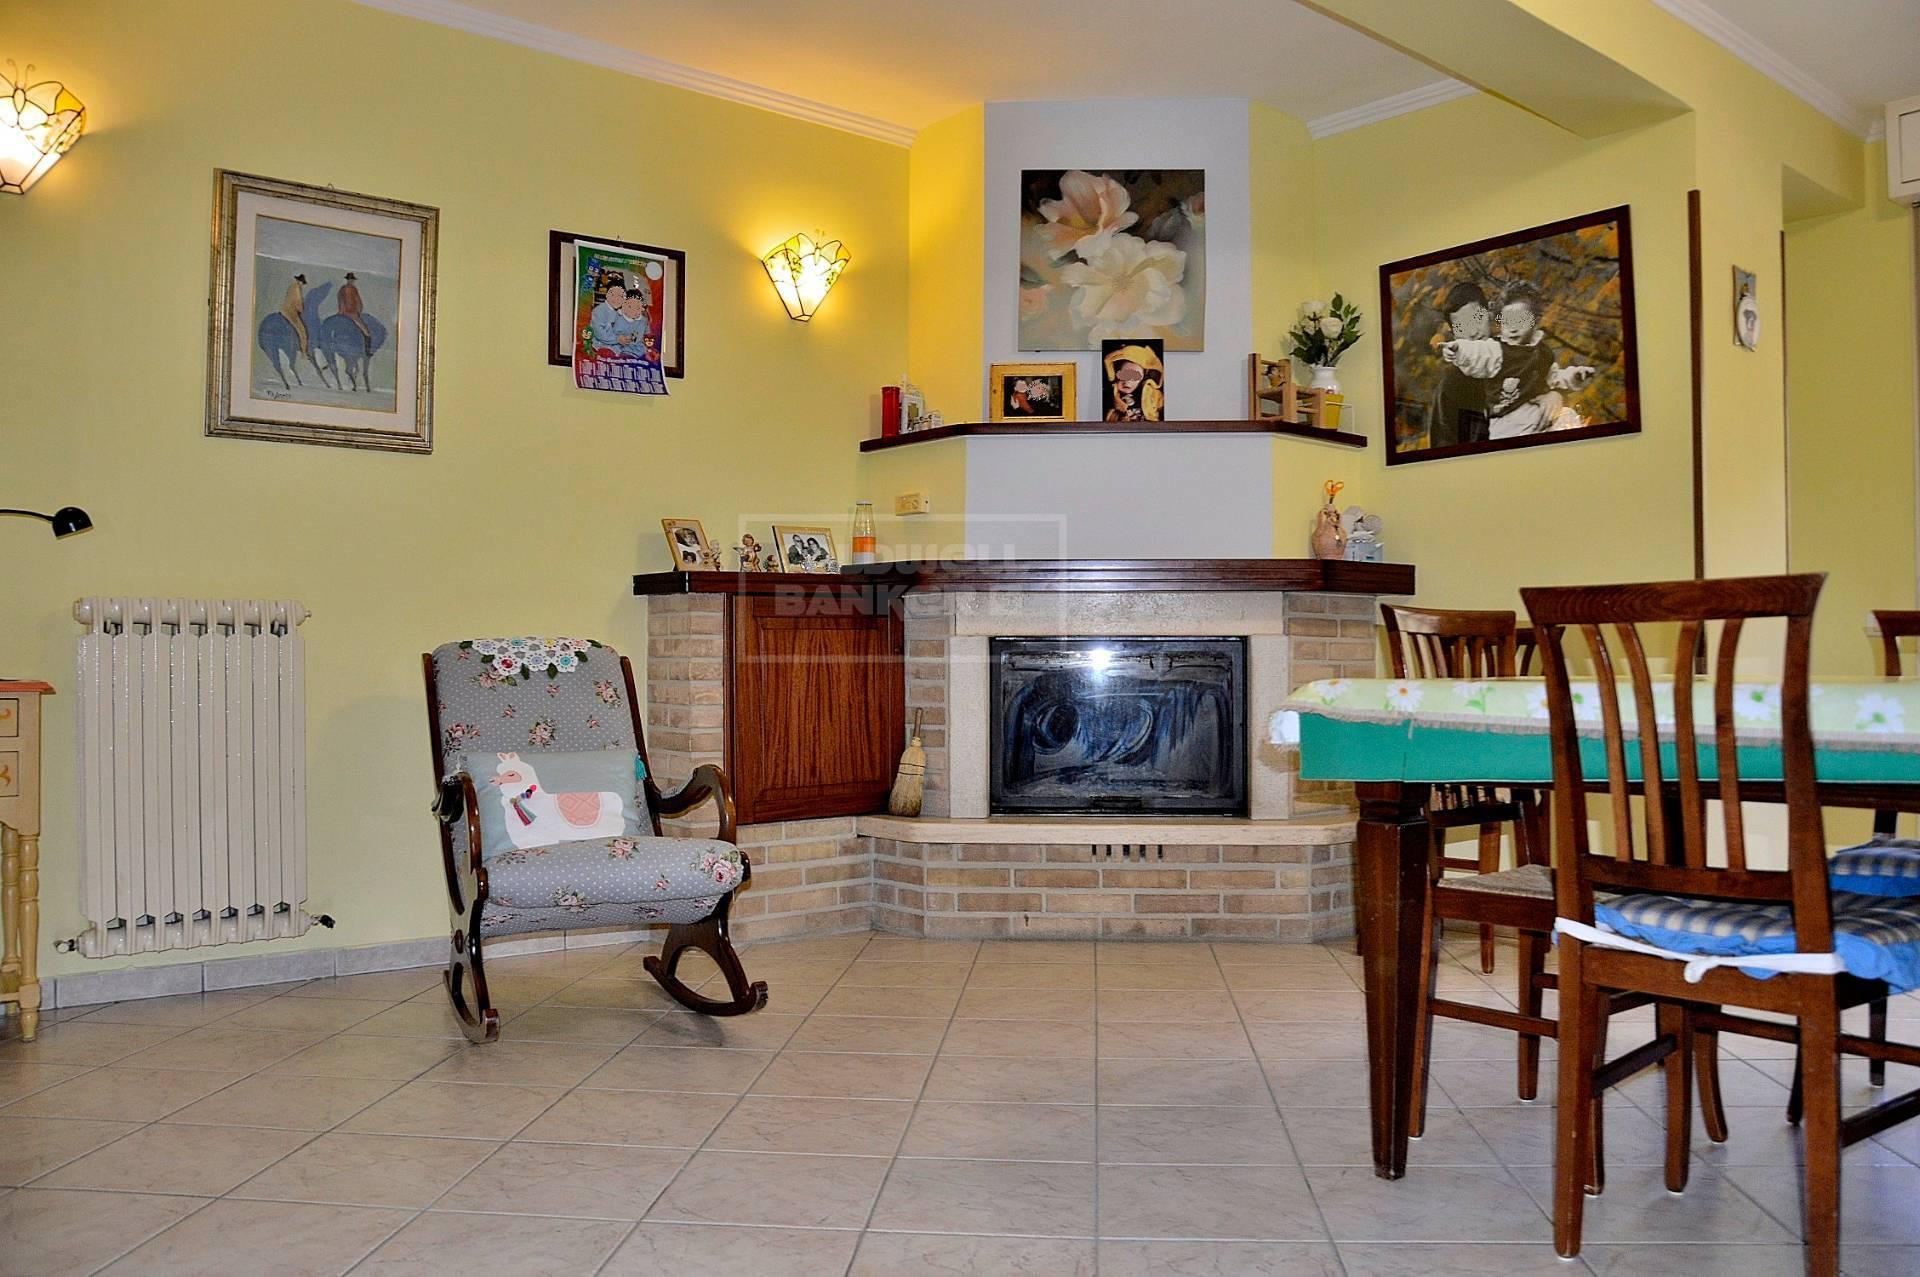 Appartamento in vendita a Cerreto di Spoleto, 4 locali, zona Località: BorgoCerreto, prezzo € 82.000 | CambioCasa.it